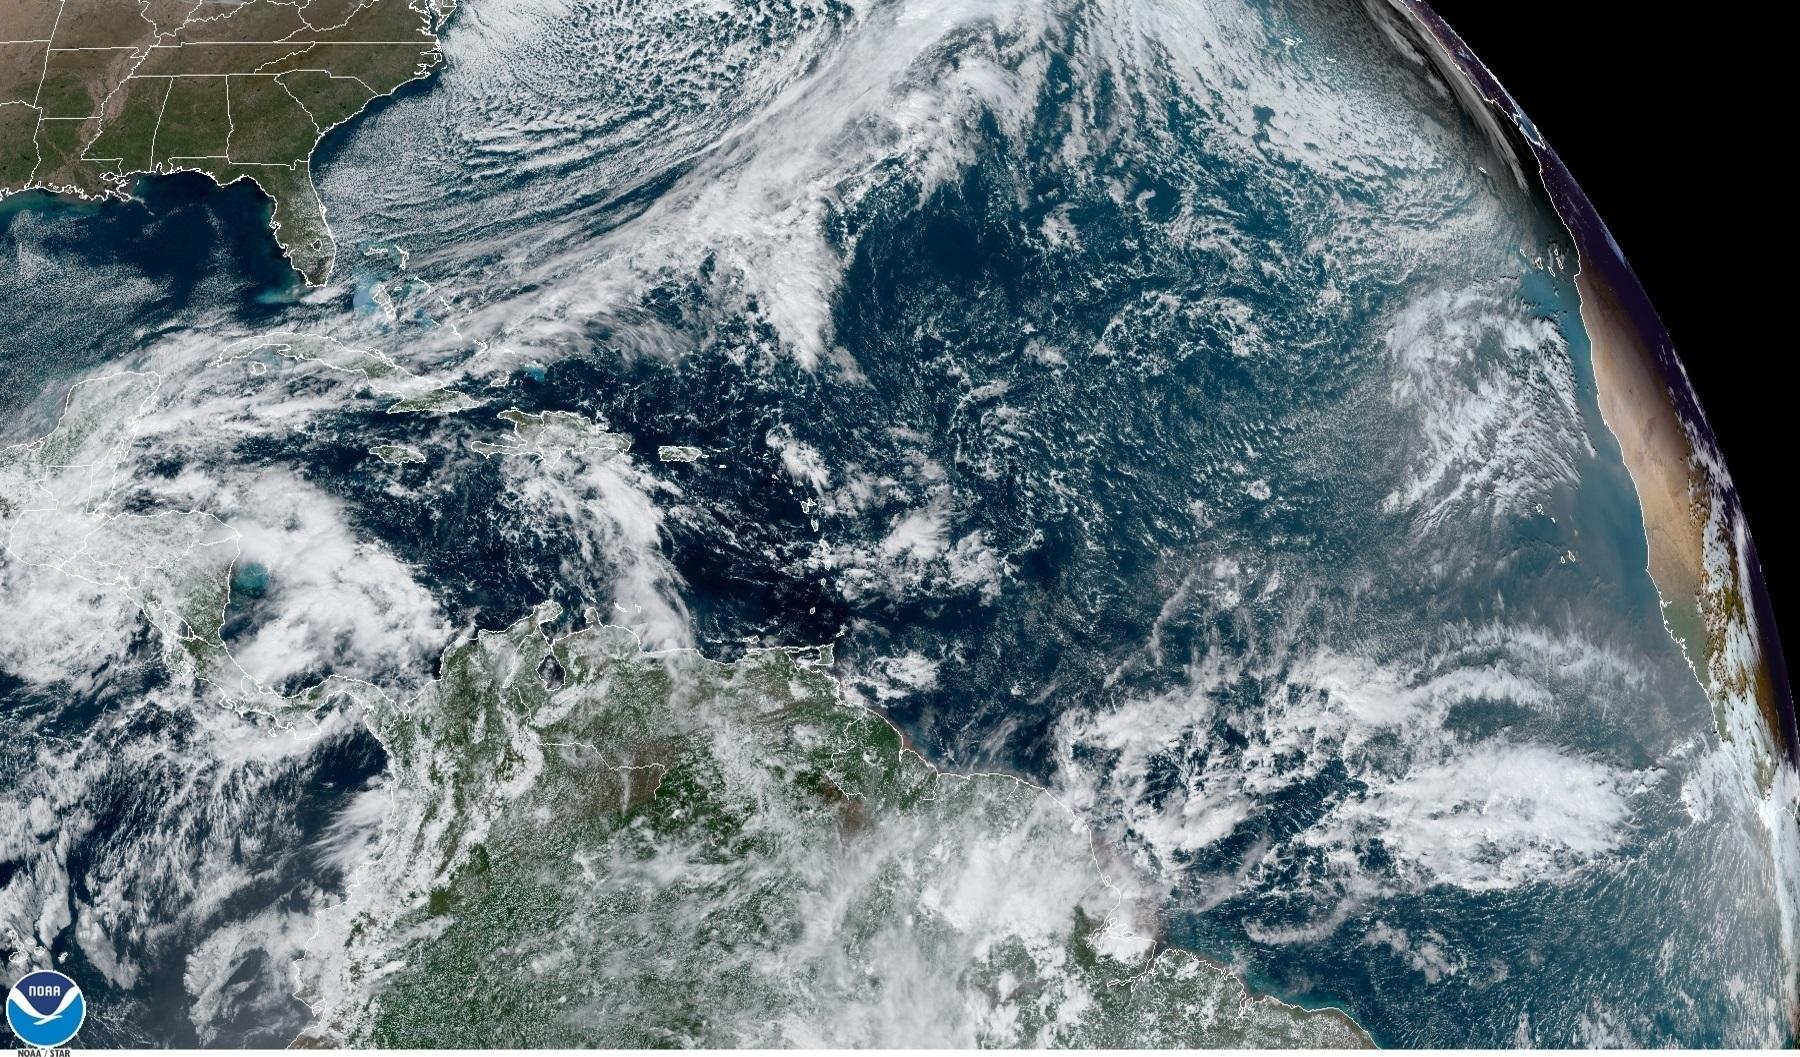 CLIMA. La tormenta tropical Iota se disipó este miércoles pero continúa amenazando con fuertes lluvias, inundaciones y deslizamientos de tierra a Centroamérica.   Foto: Efe.